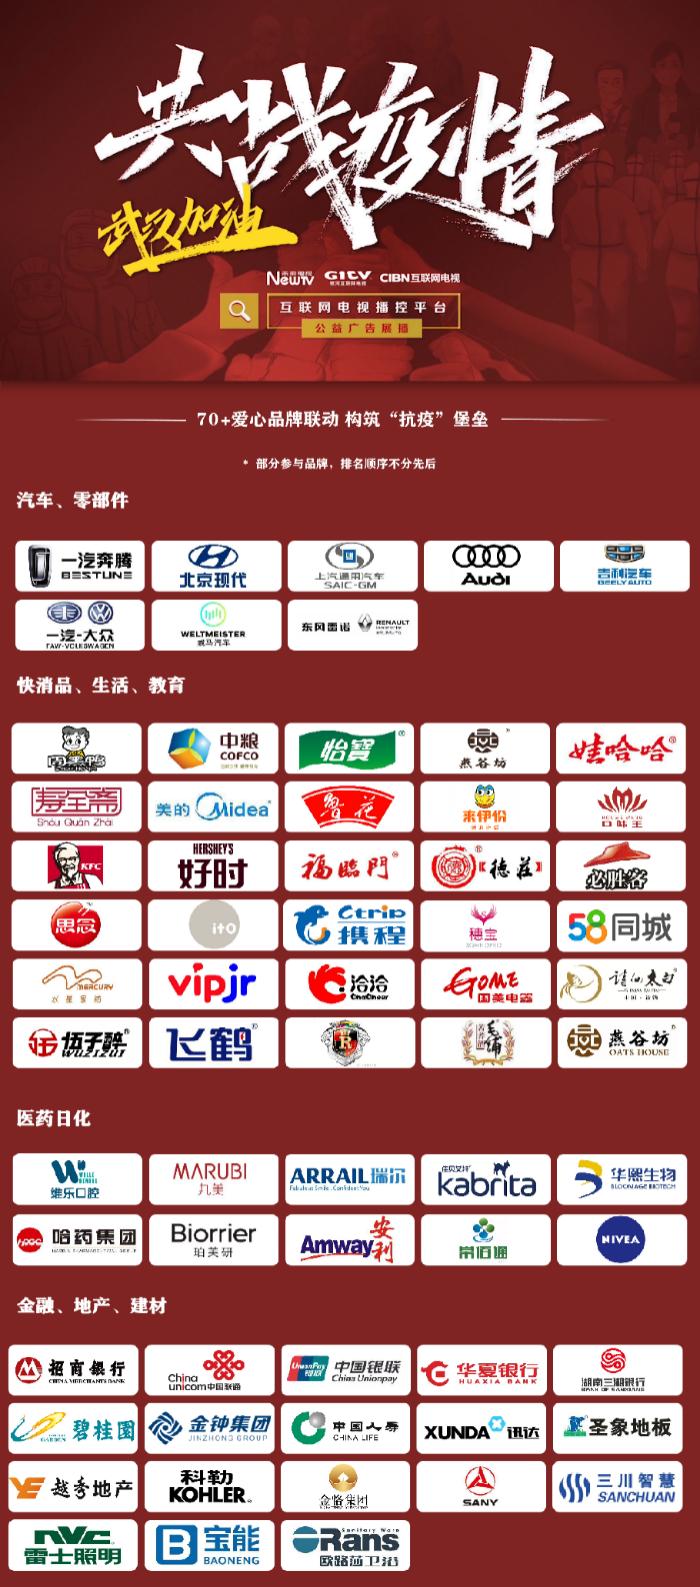 未来电视、银河互联网电视、国广东方联合公益广告展播首战收官